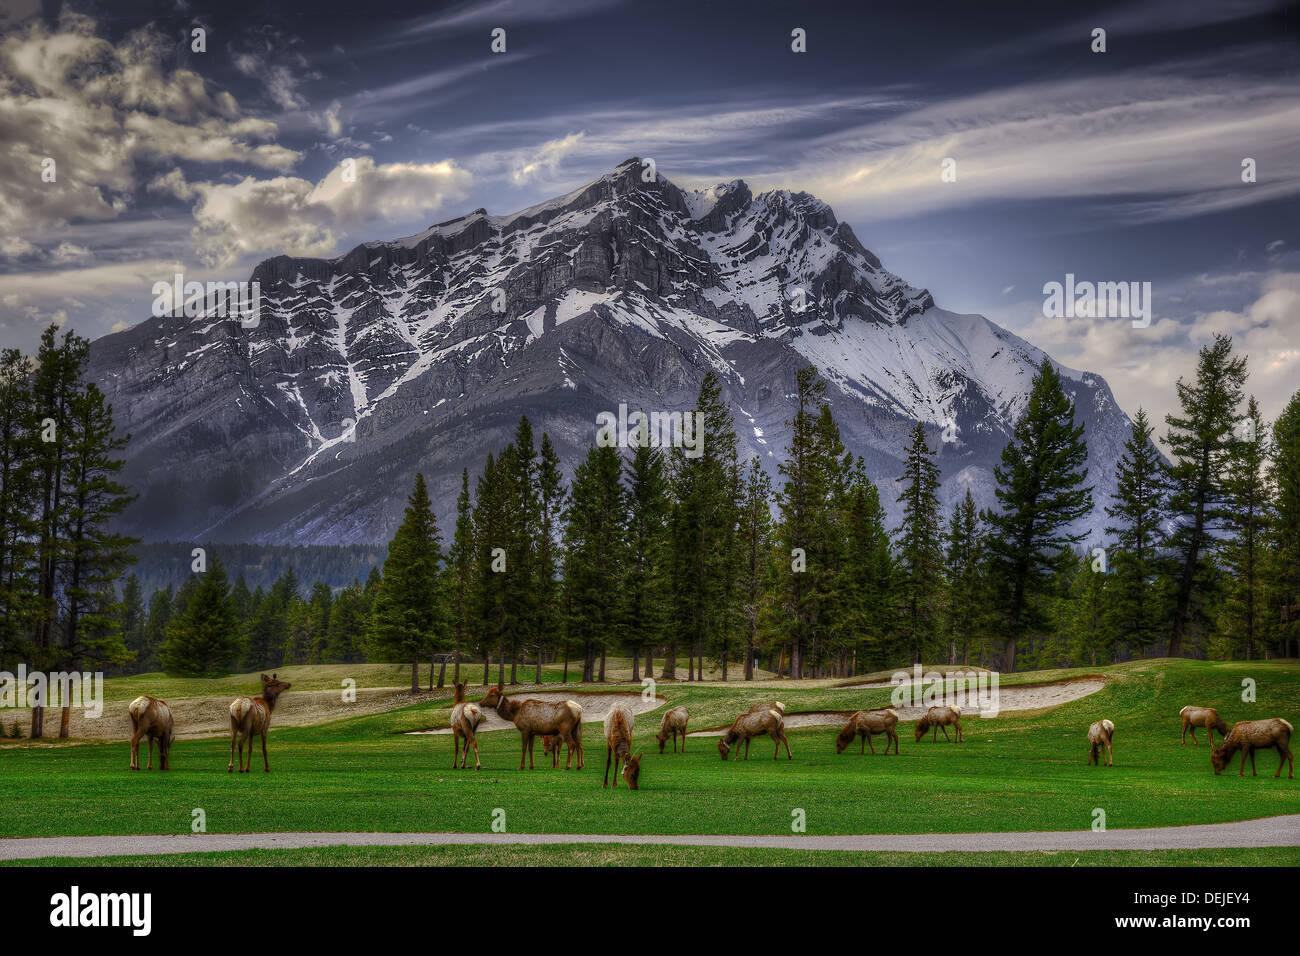 Elk que pastan en el campo de golf en el Parque Nacional Banff, Alberta, Canadá, con montañas rocosas asomándose en segundo plano. Imagen De Stock